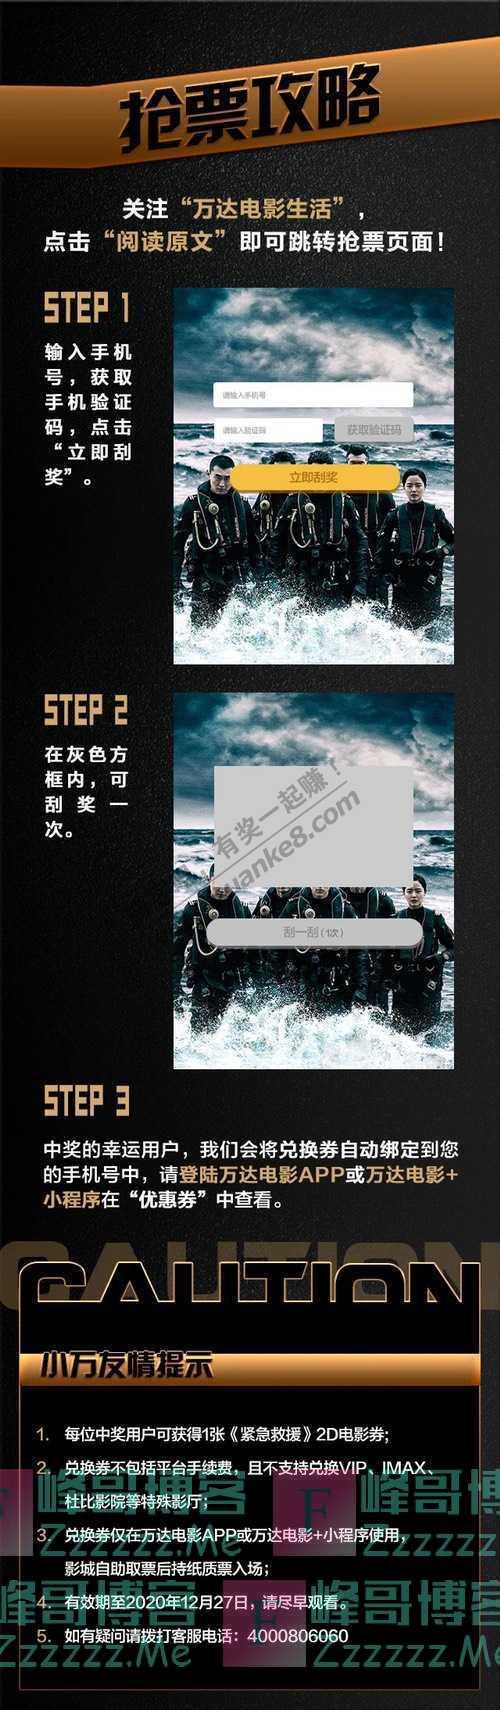 万达电影生活送票200张丨这部硬核爽片,彭于晏又被虐惨了(截止不详)